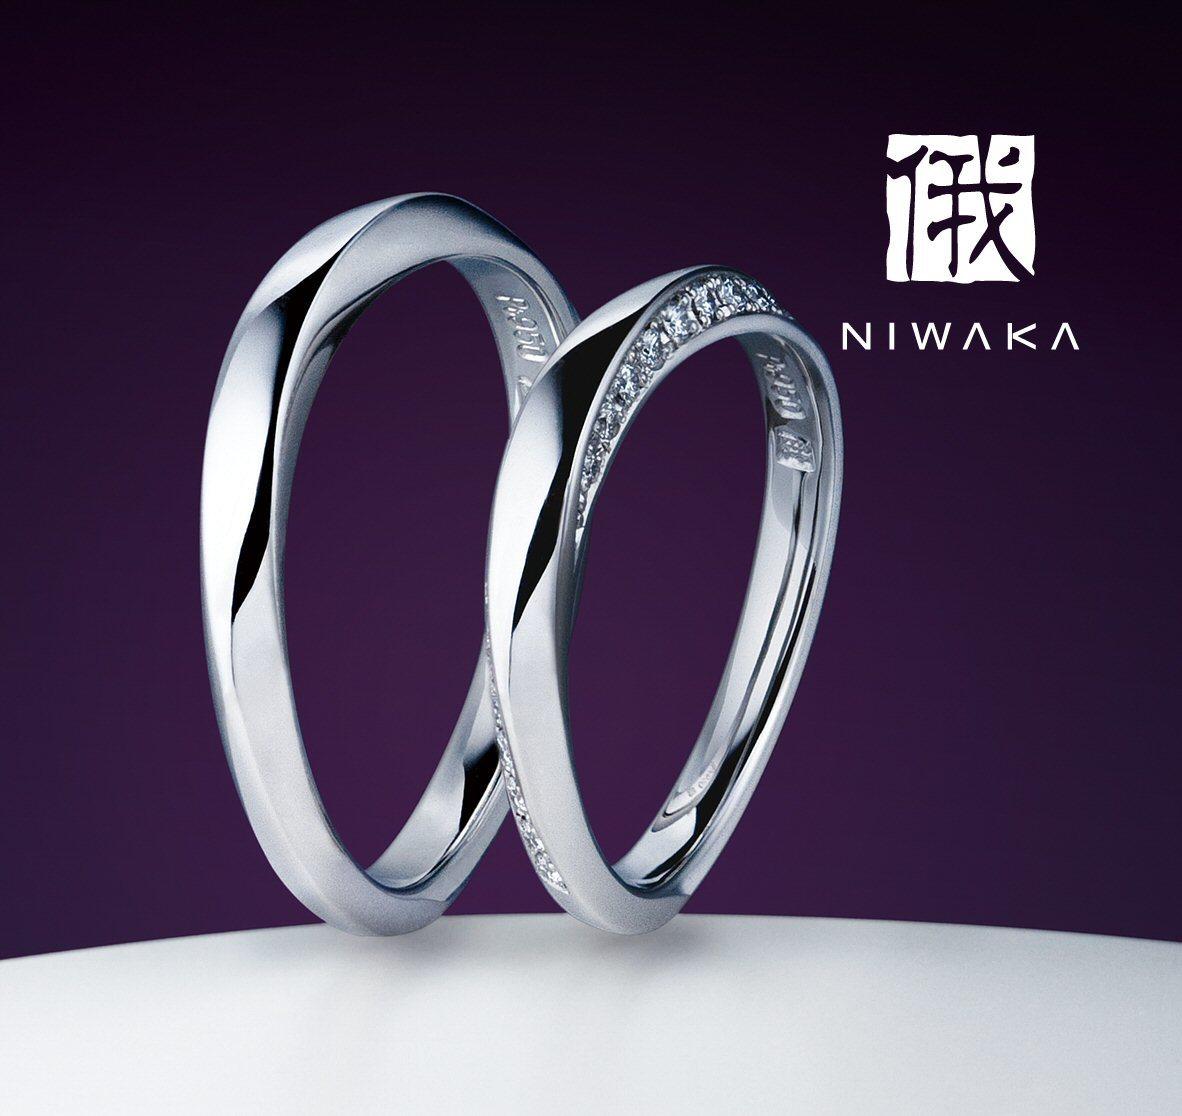 「凛(りん)」の物語~凛とした空気の秋が深まります~俄の結婚指輪のエピソード_f0118568_16372624.jpg